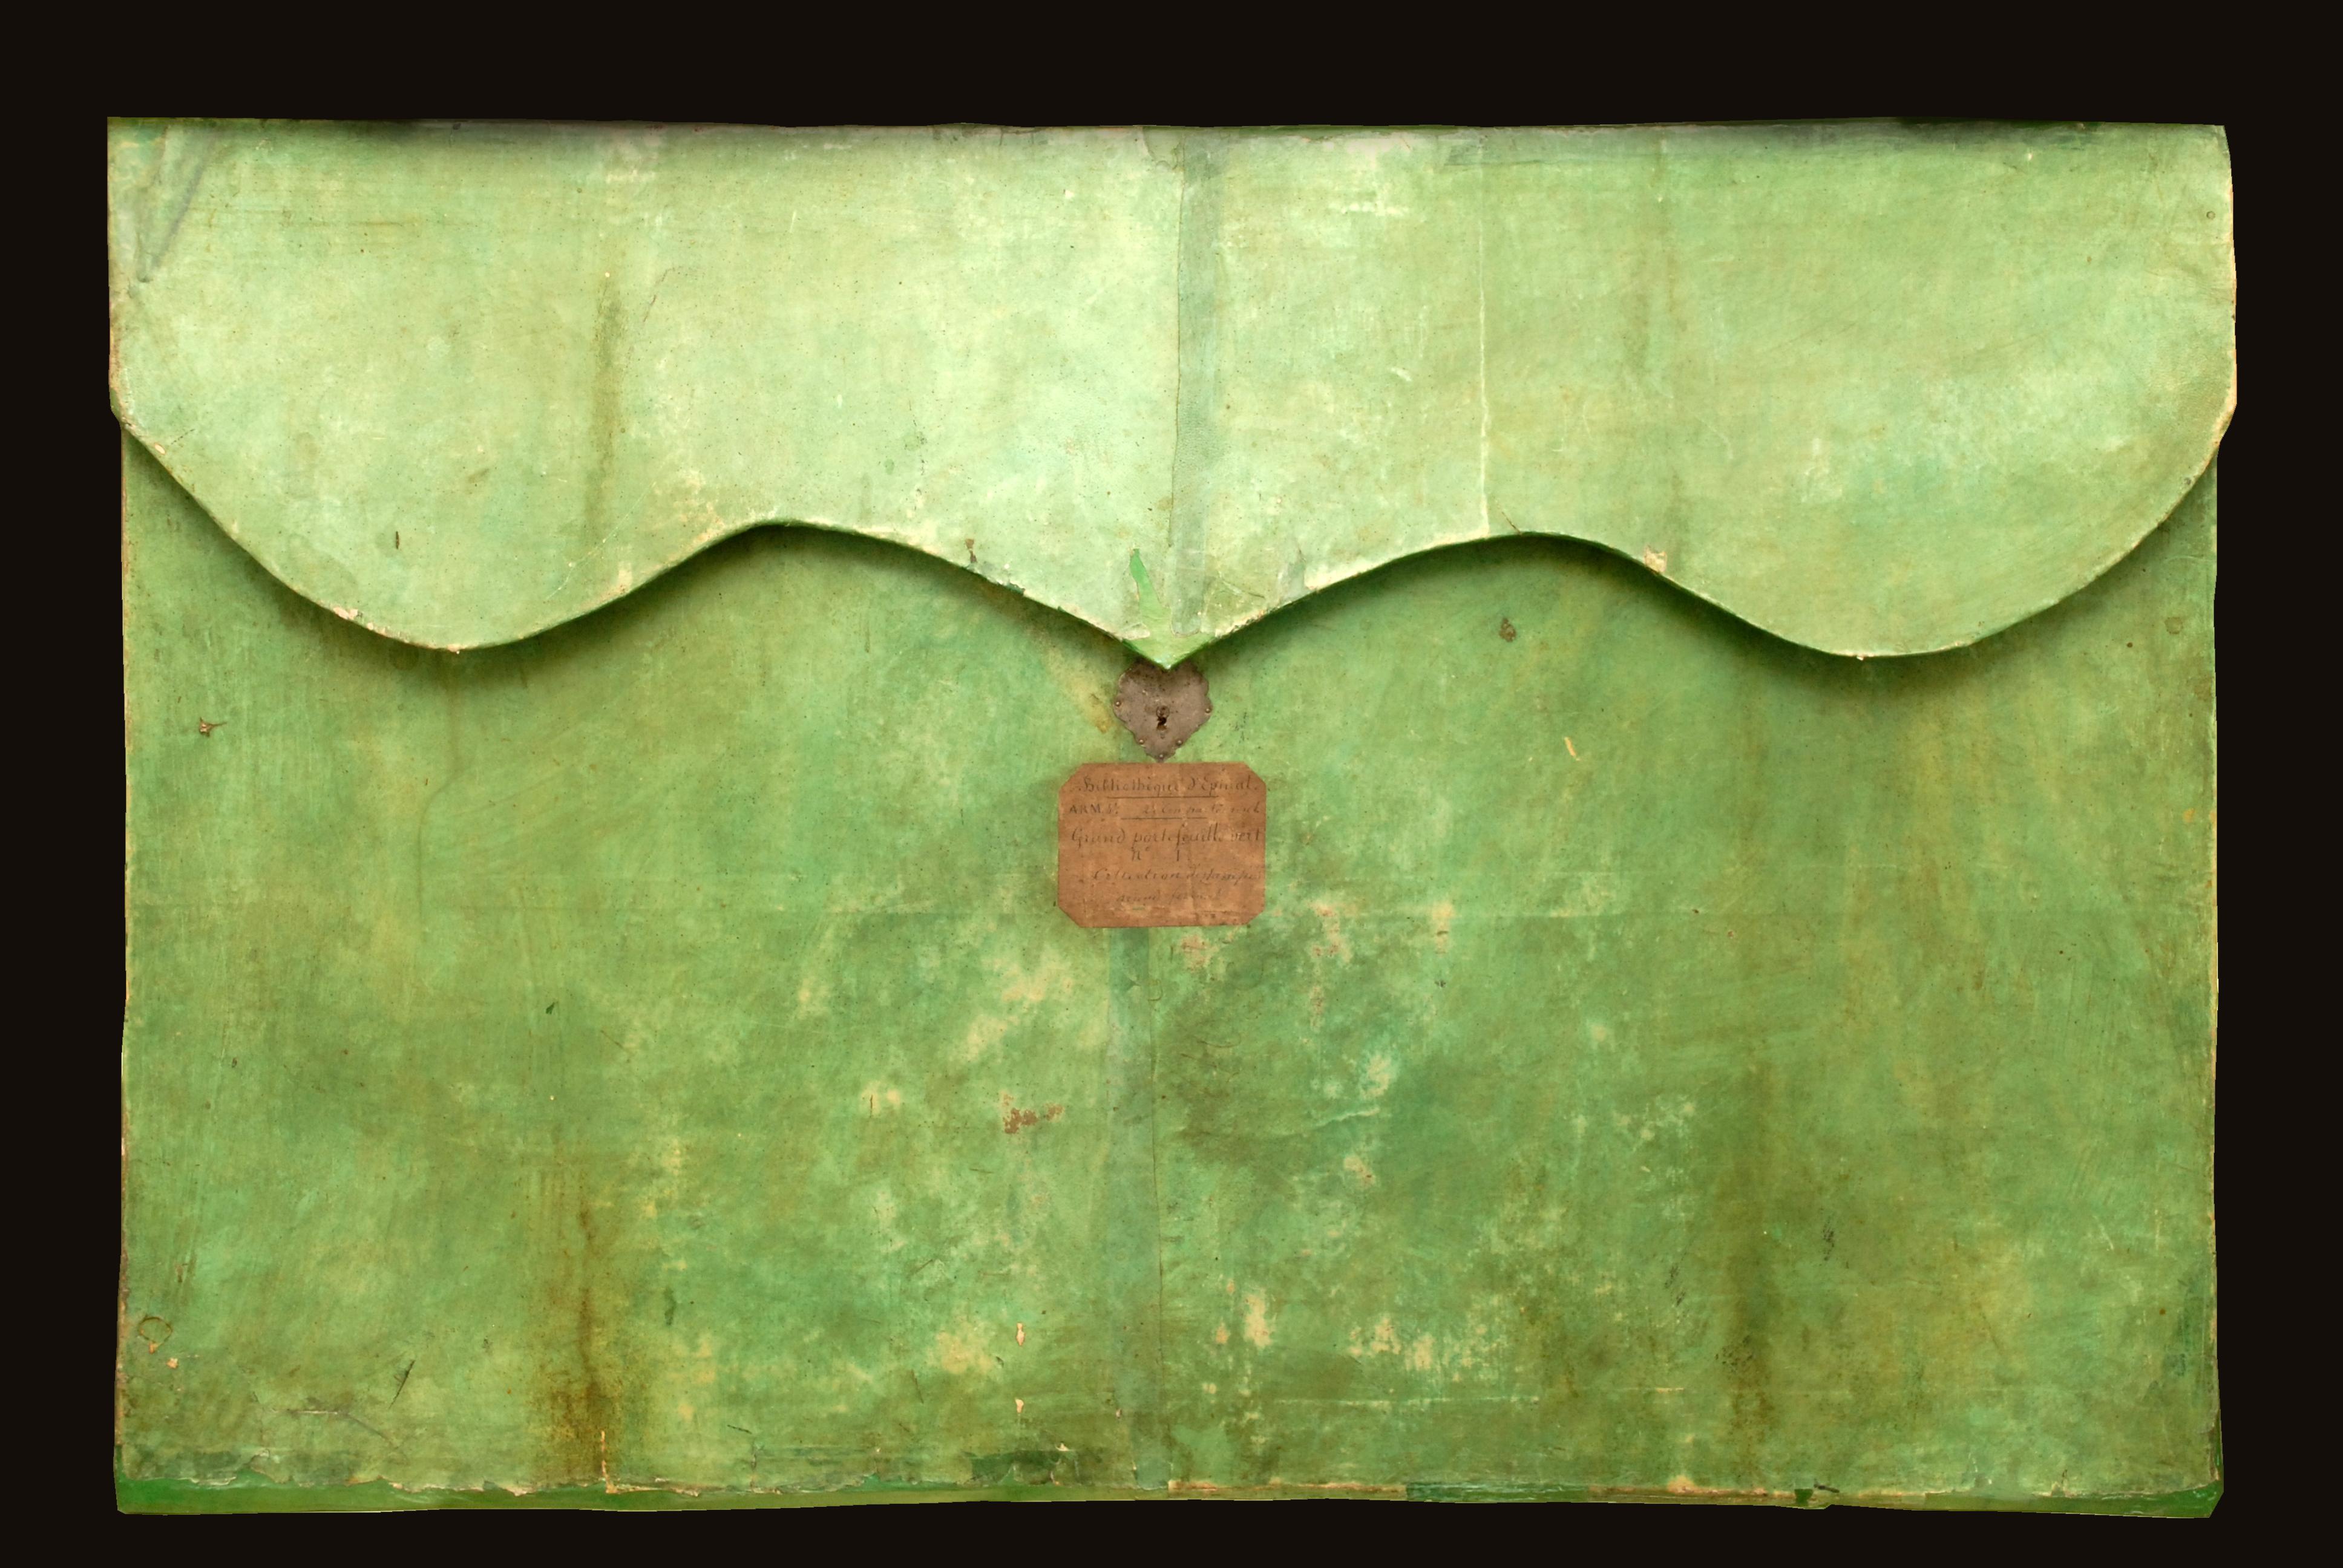 Contenu du Portefeuille d'estampes des princes de Salm-Salm